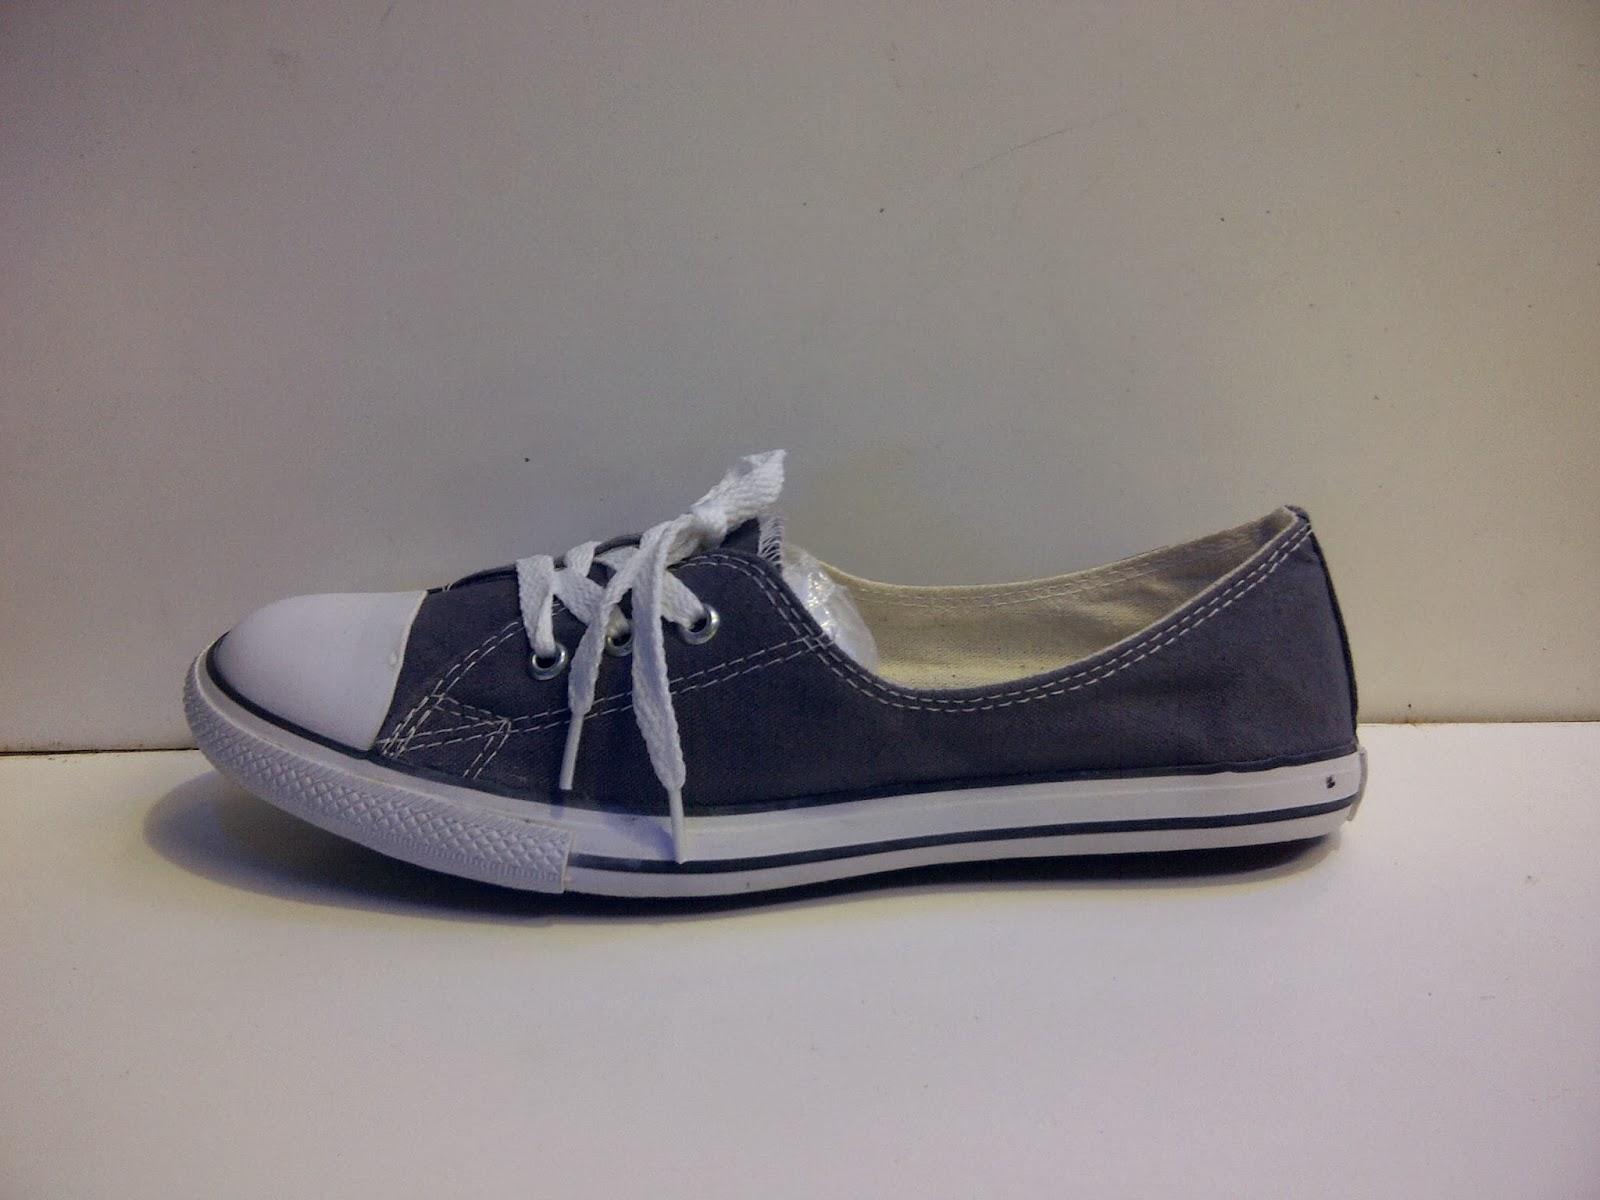 Sepatu converse abu,sepatu fashion